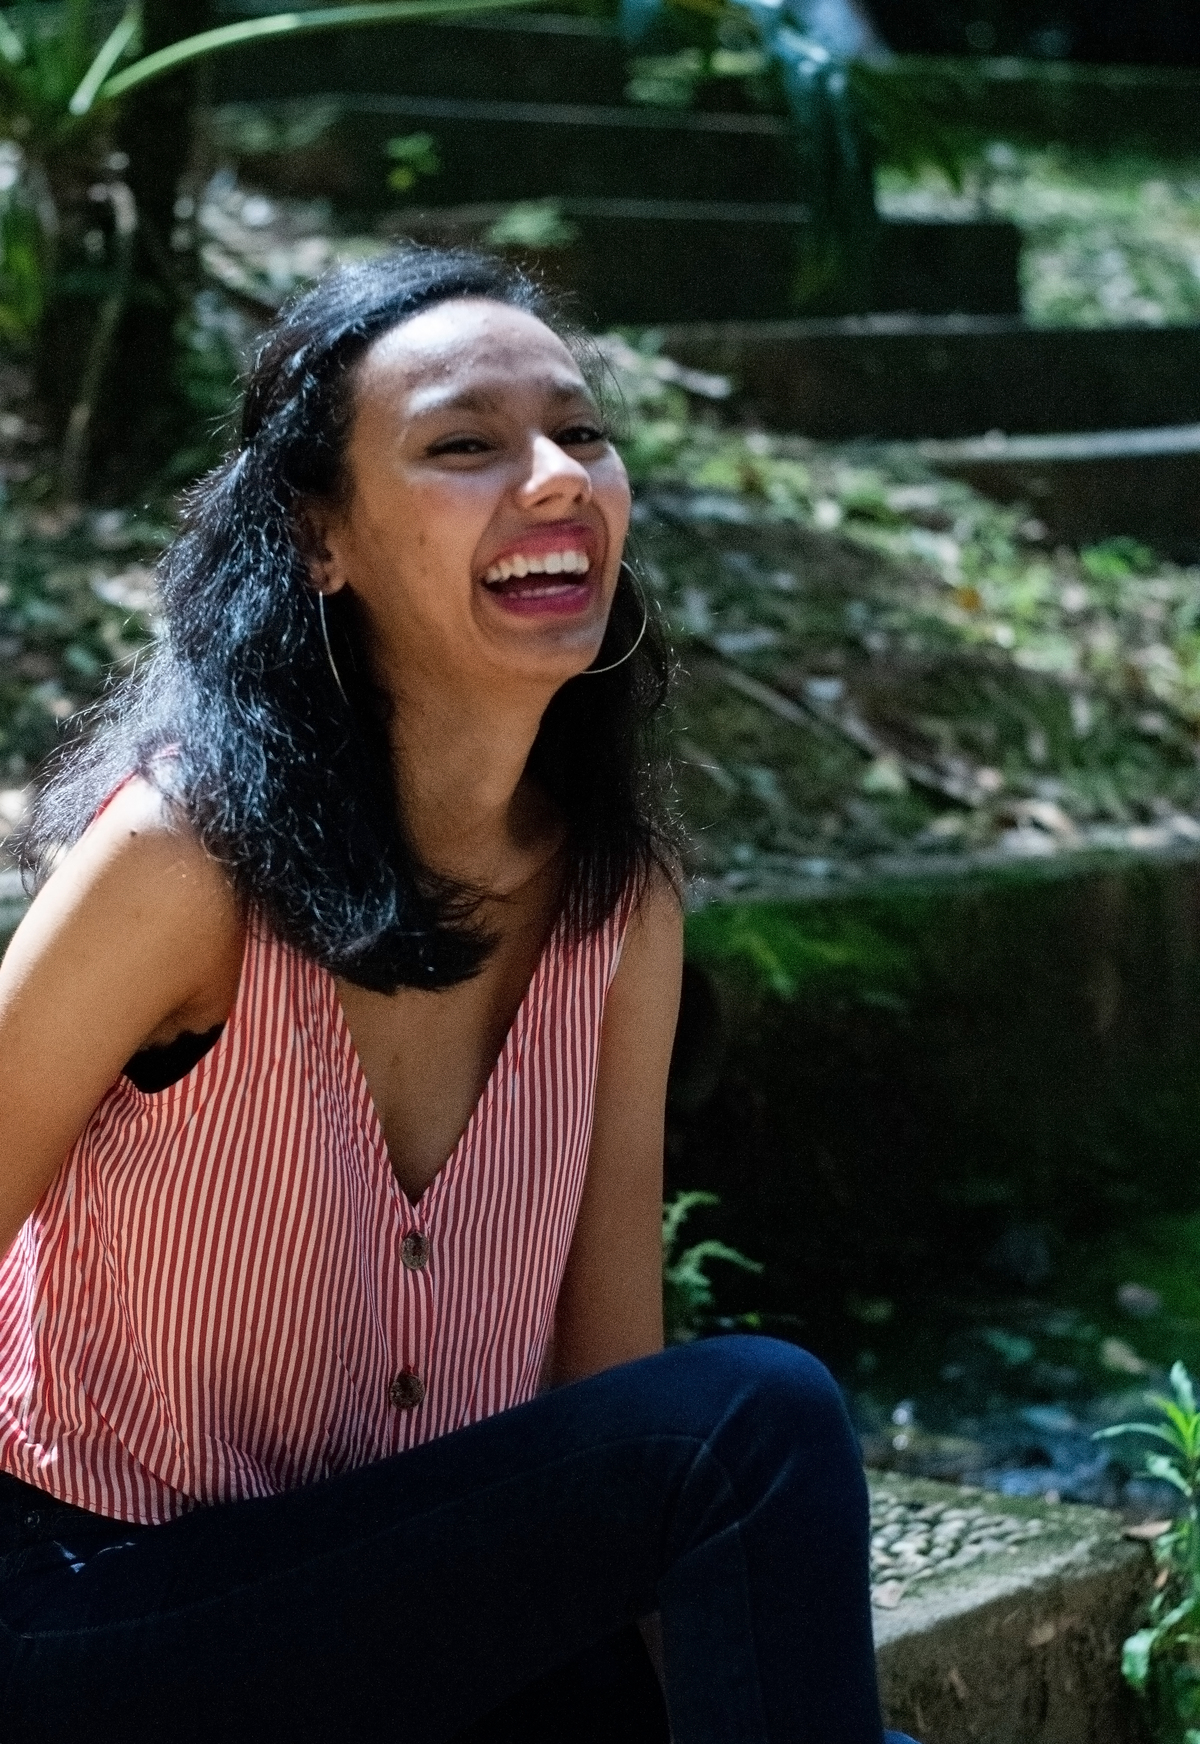 26ª Letícia Seu sorriso é luz de profunda beleza e o mundo é afortunado por ser iluminado por ele.